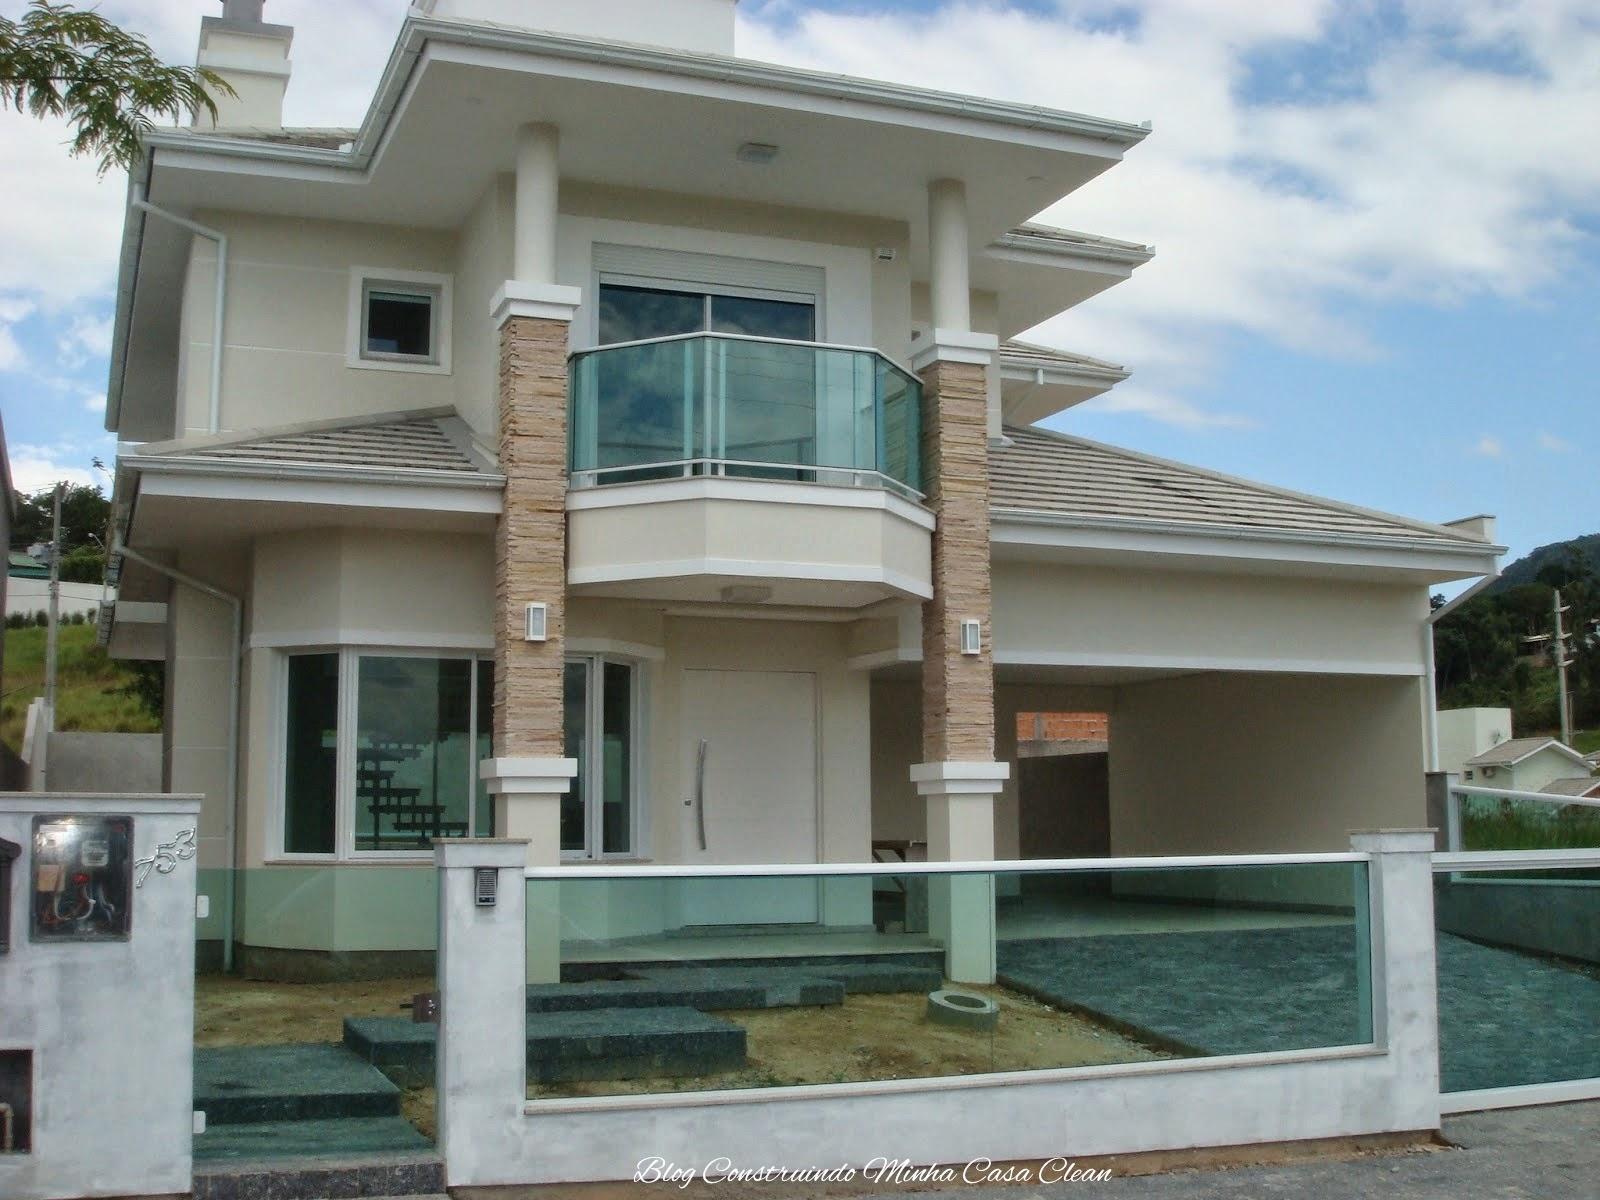 Construindo minha casa clean fachadas de casas com muros for Casas casas